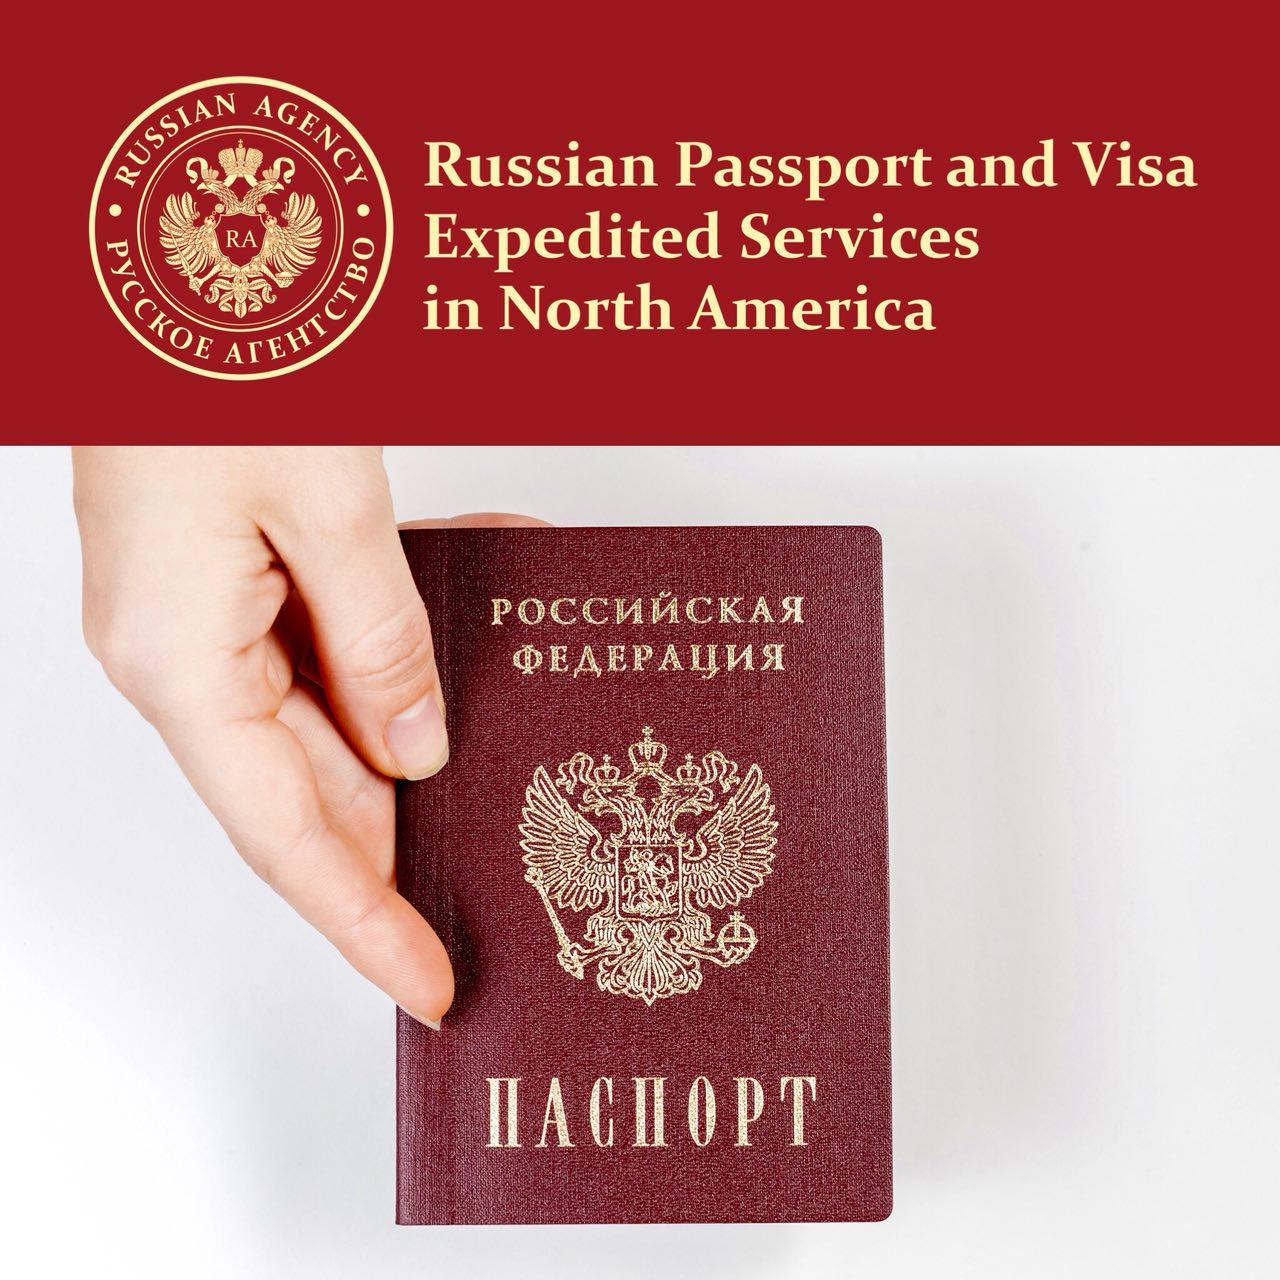 Кто может получить загранпаспорт в россии когда откроют границы с украиной и россией